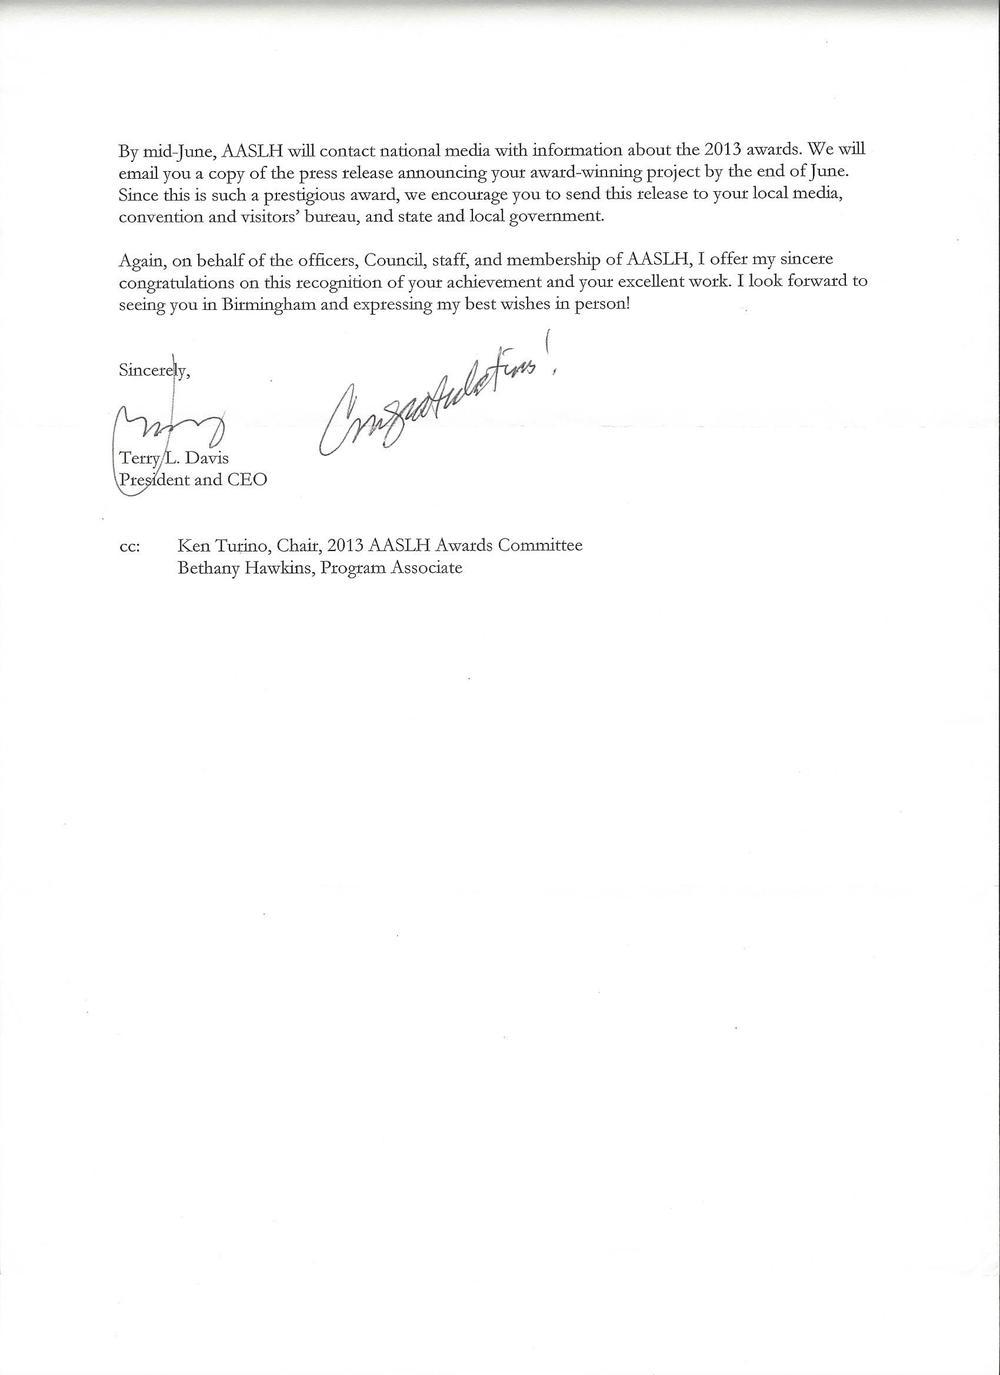 AASLH Letter 2.jpg